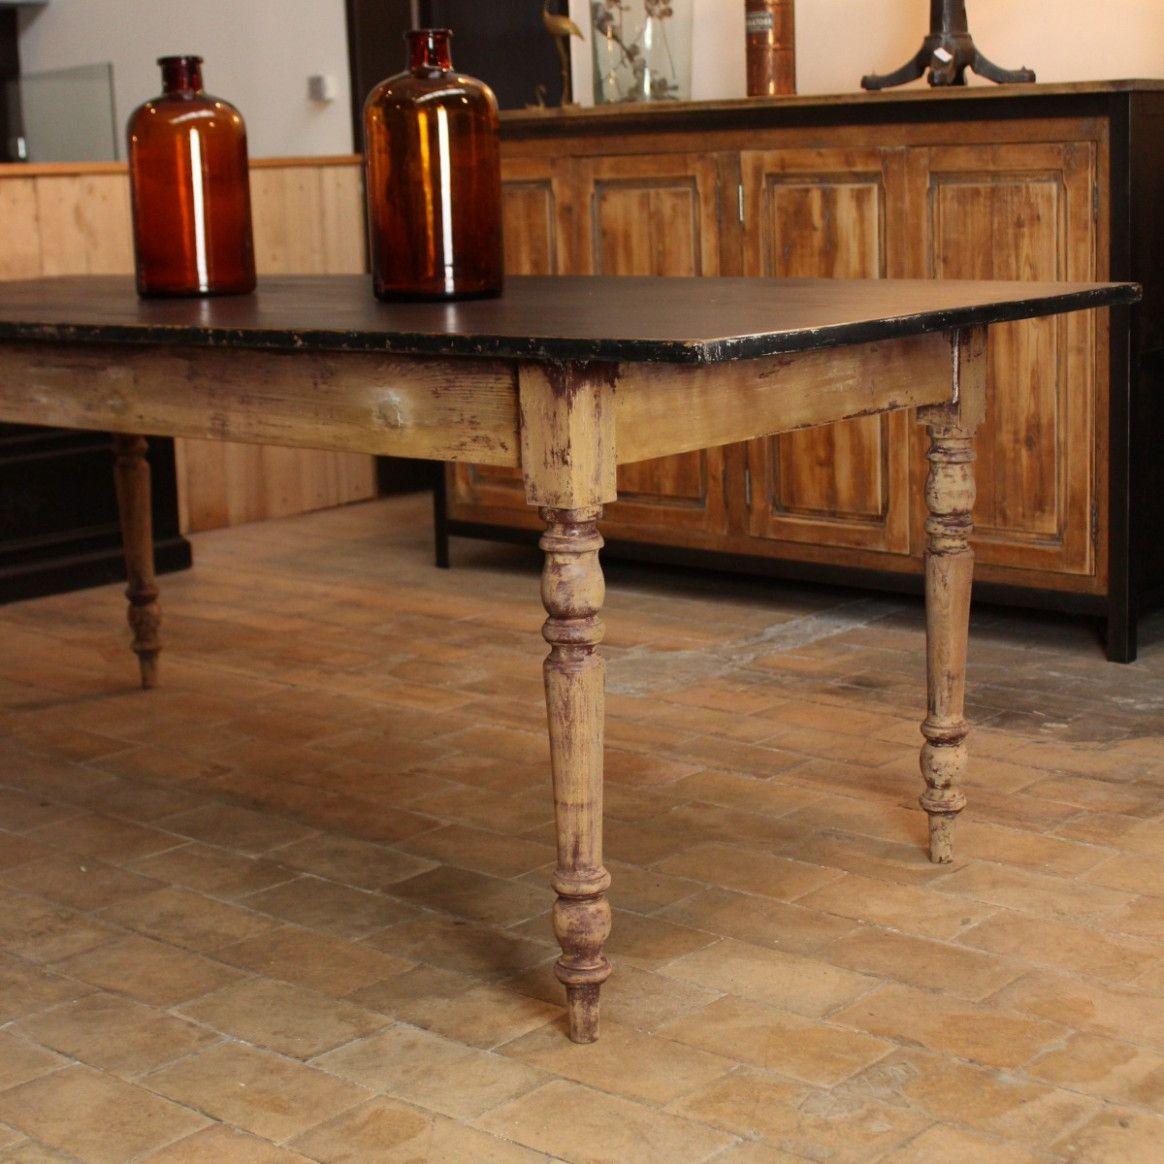 Table De Ferme Paris   Decor, Home decor, Furniture